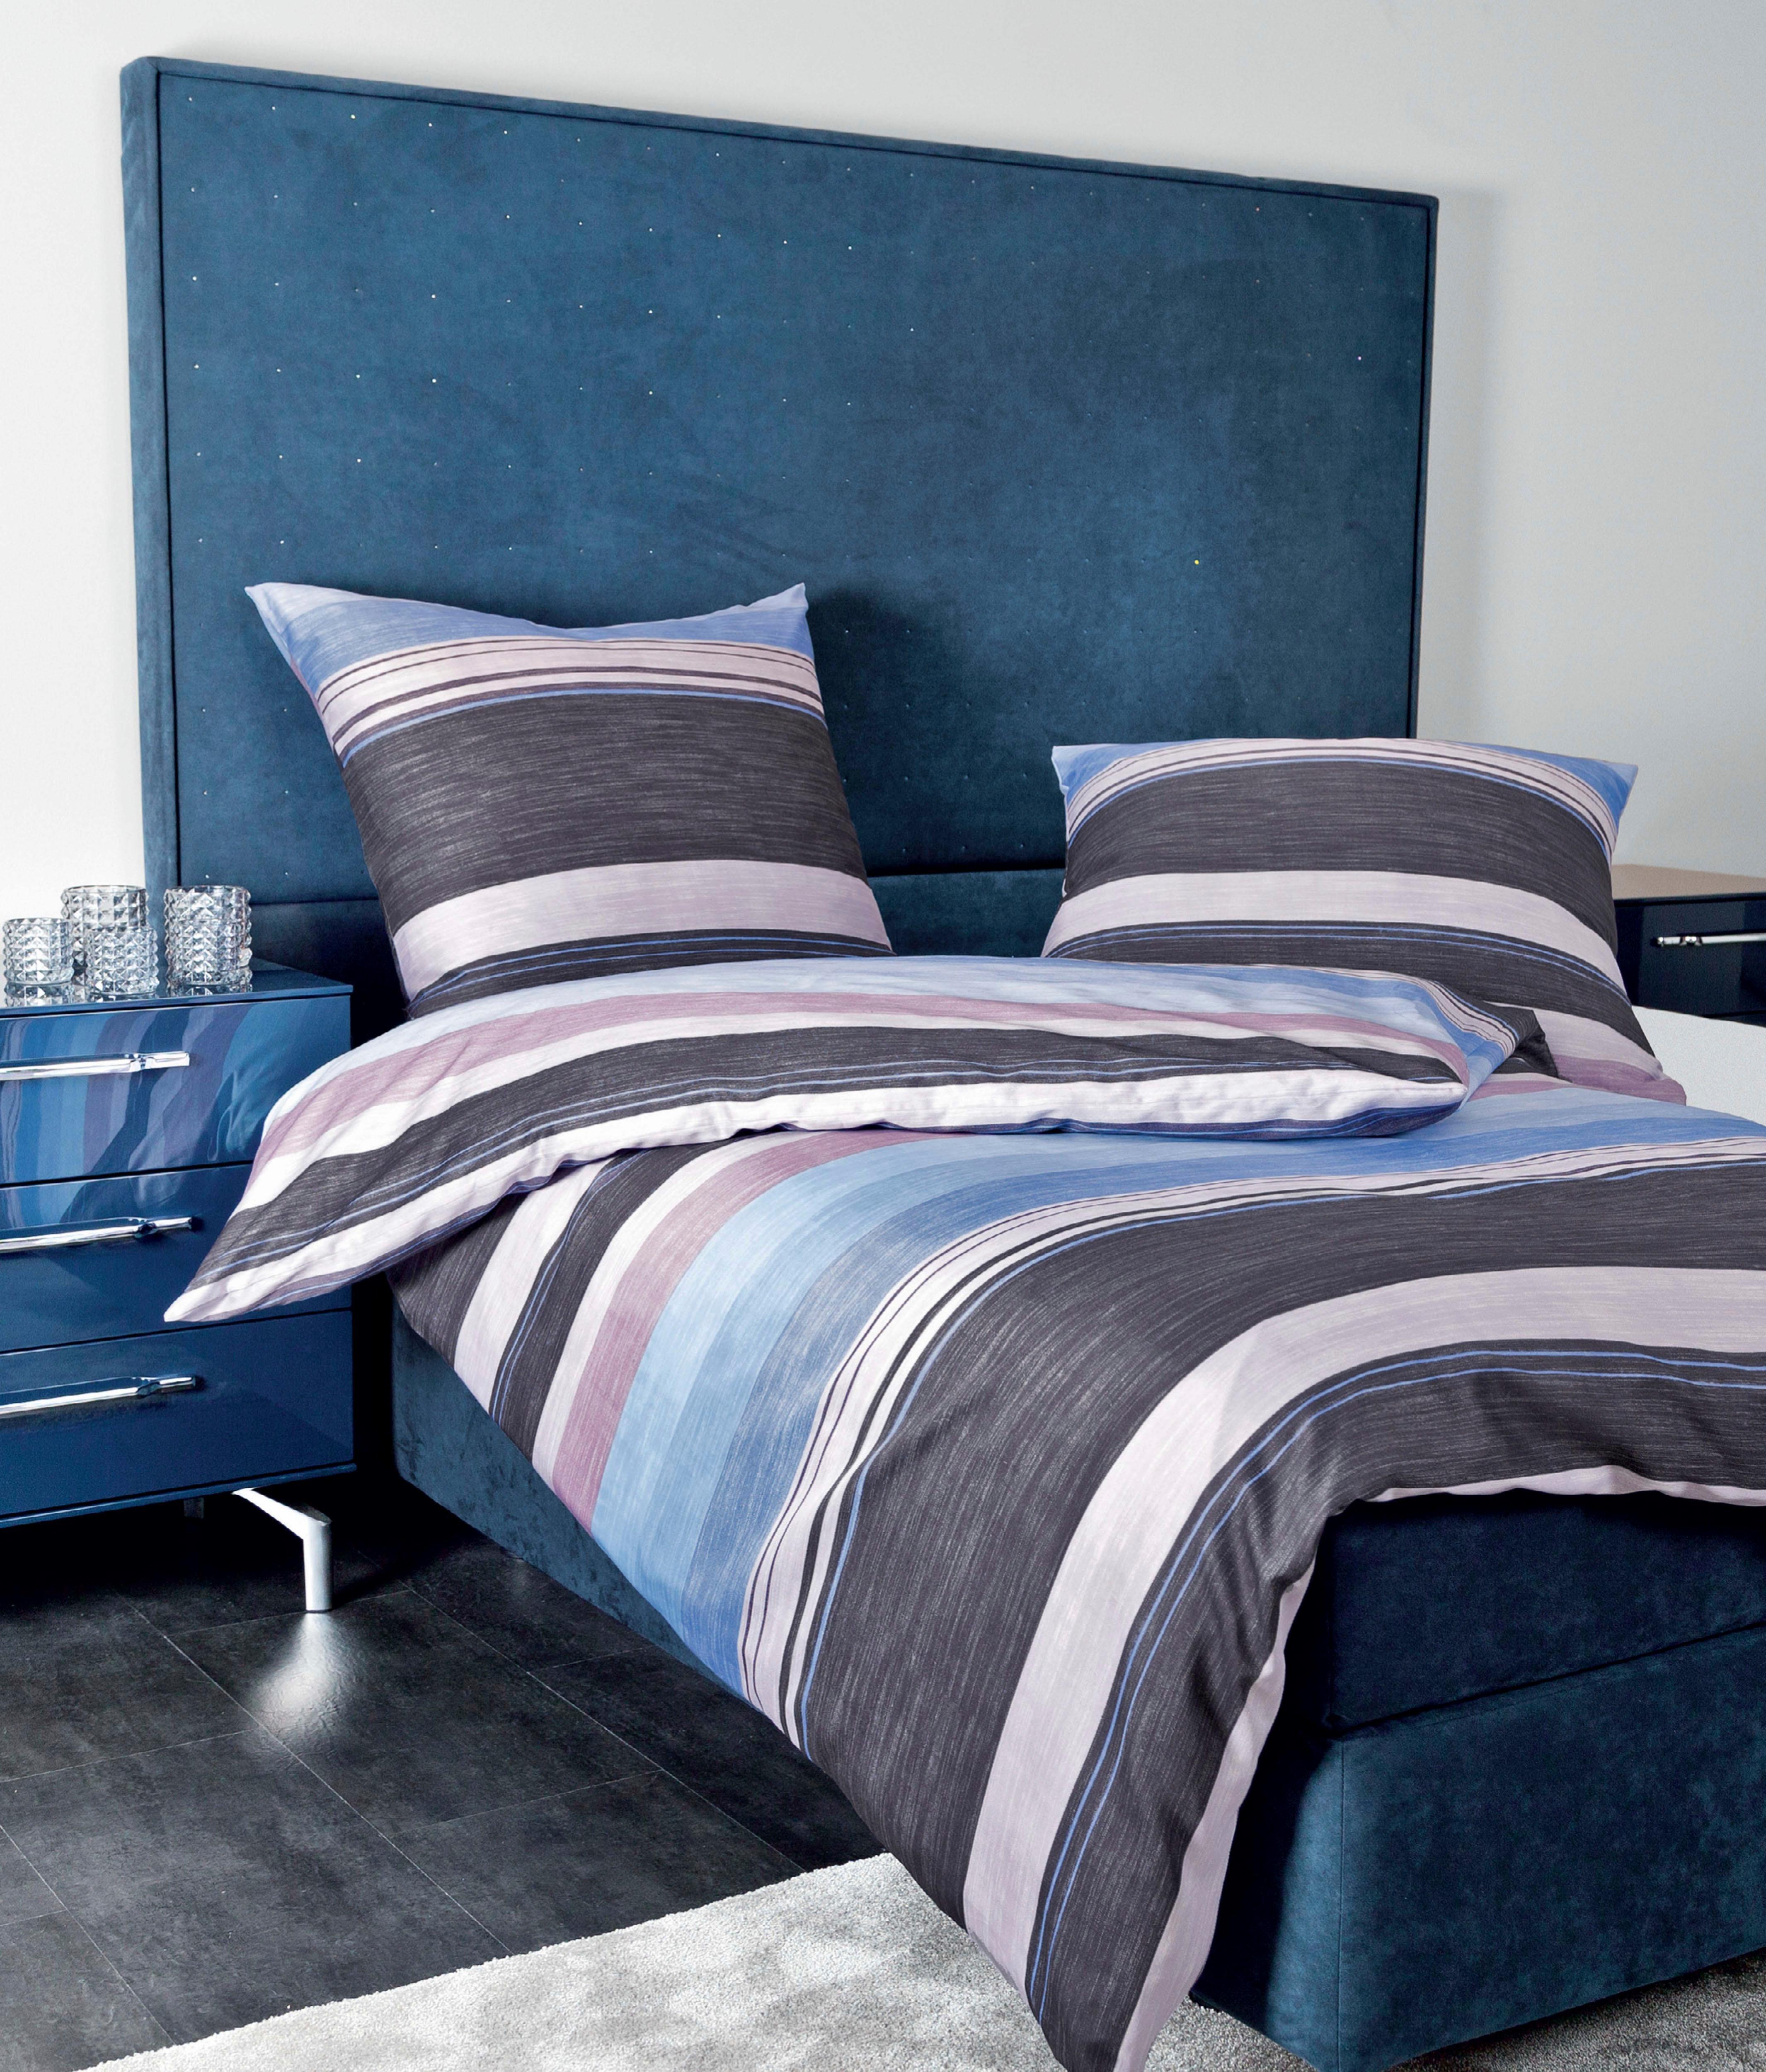 bettw sche totenk pfe preisvergleich die besten angebote online kaufen. Black Bedroom Furniture Sets. Home Design Ideas